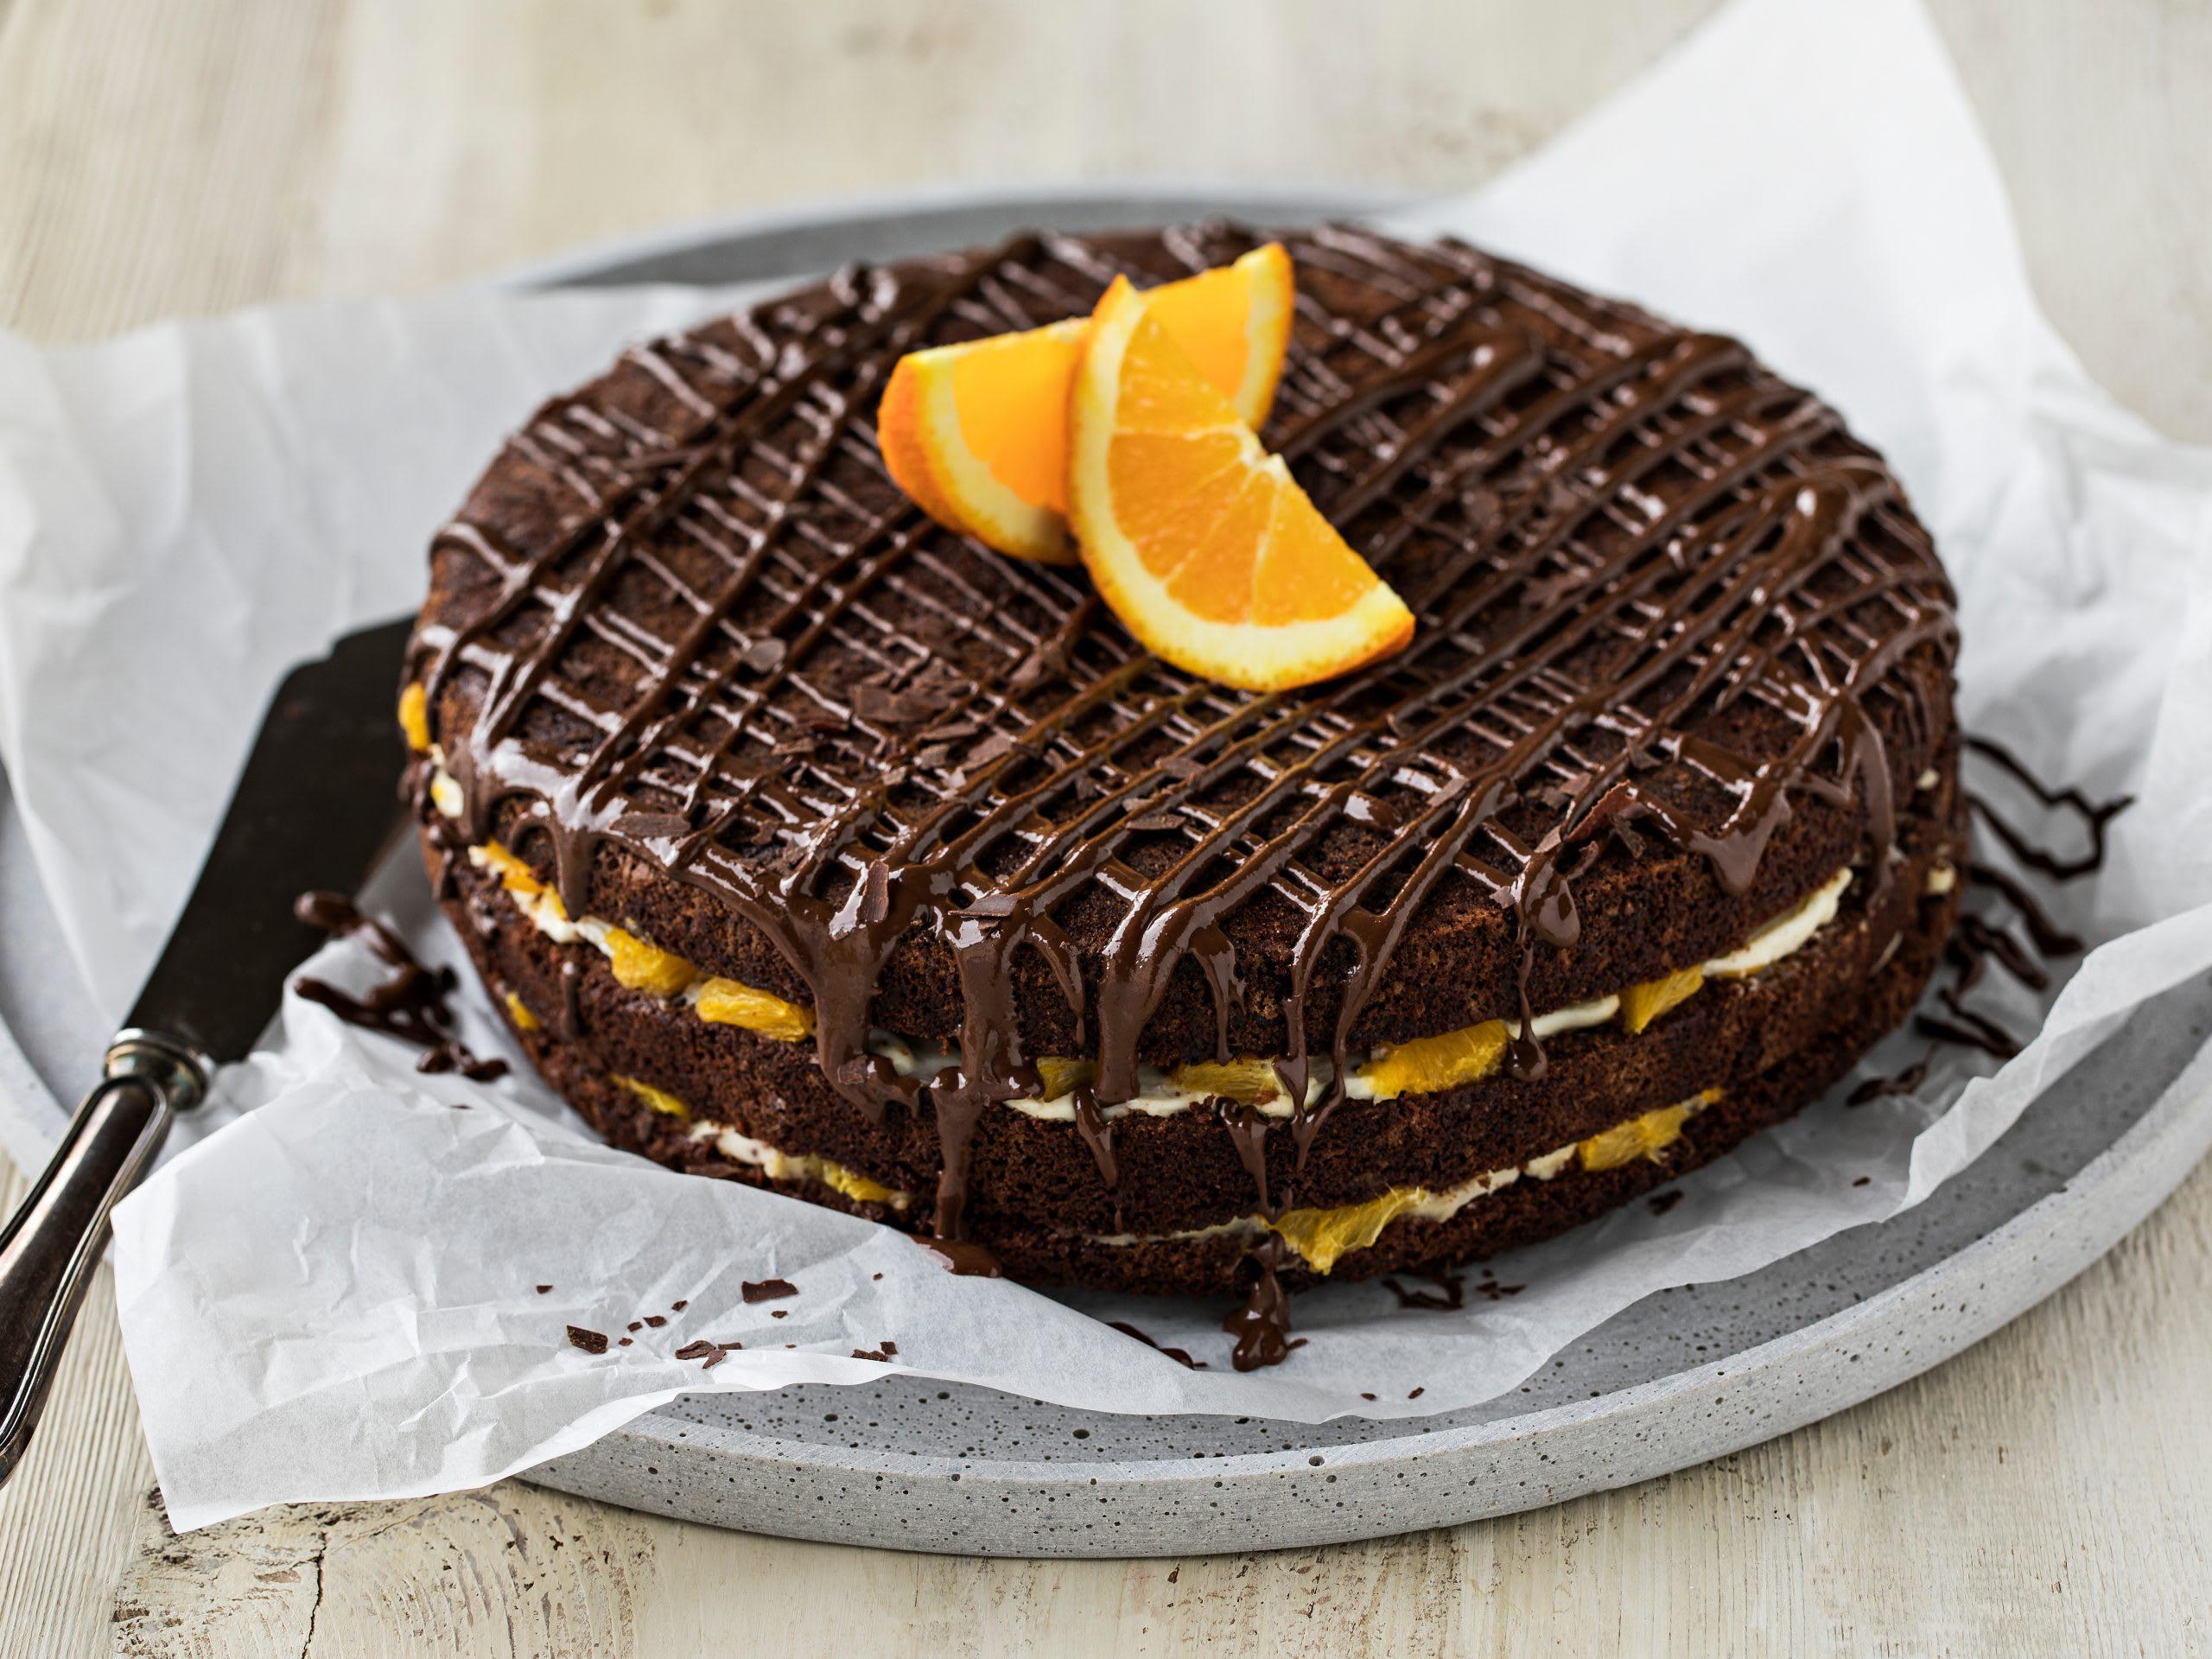 Gâteau au chocolat fourré à la crème et aux oranges